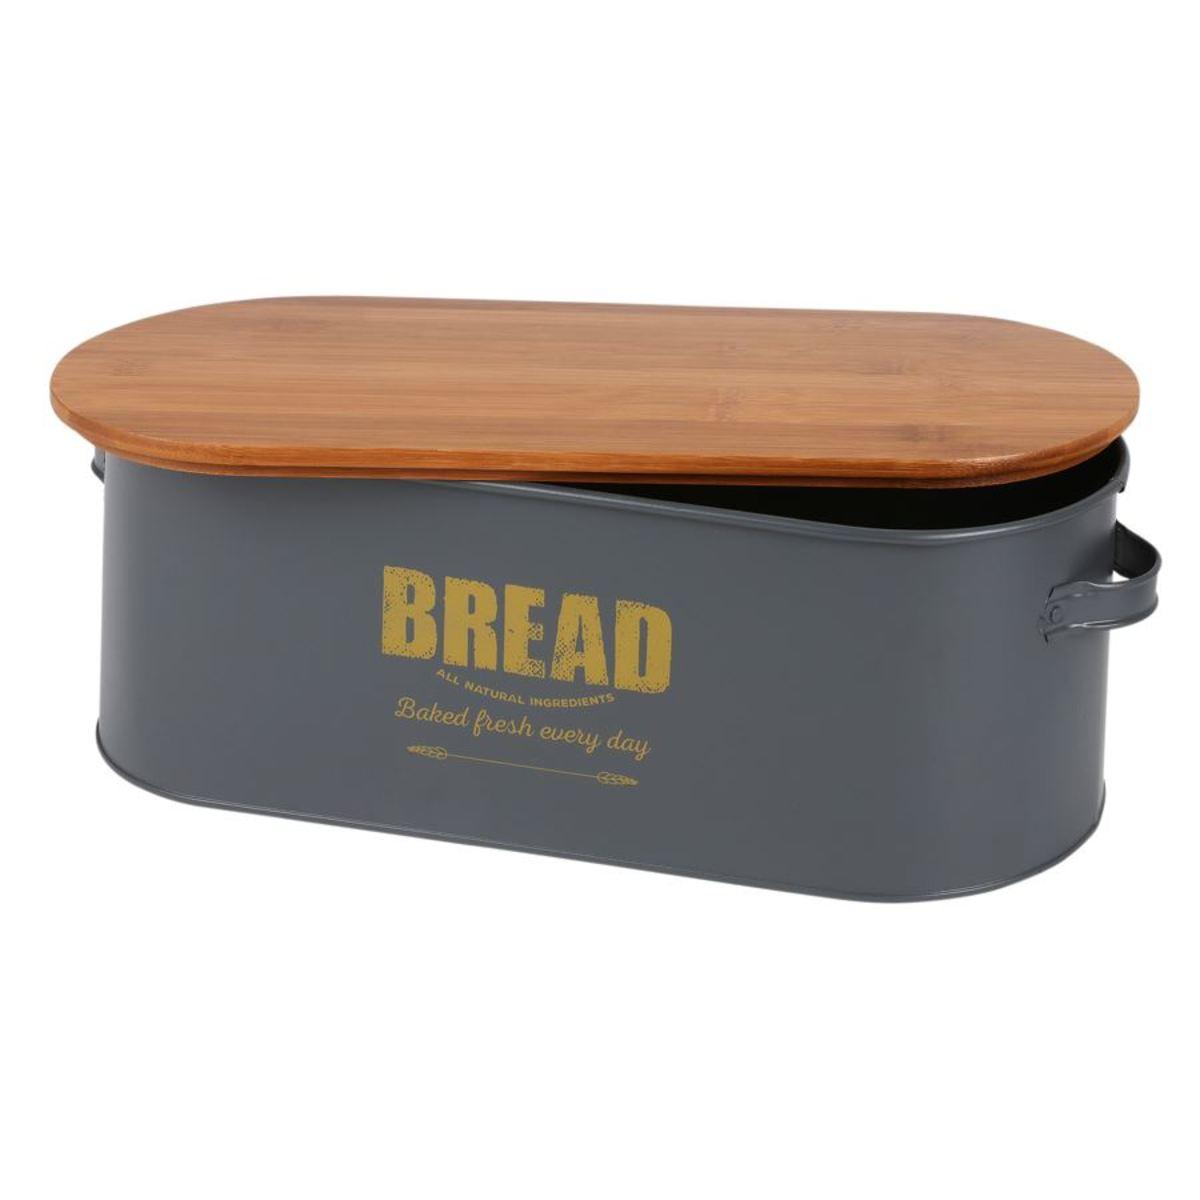 Bild 2 von Brotkasten Bread 46x16x18cm Dunkelgrau mit Holzdeckel